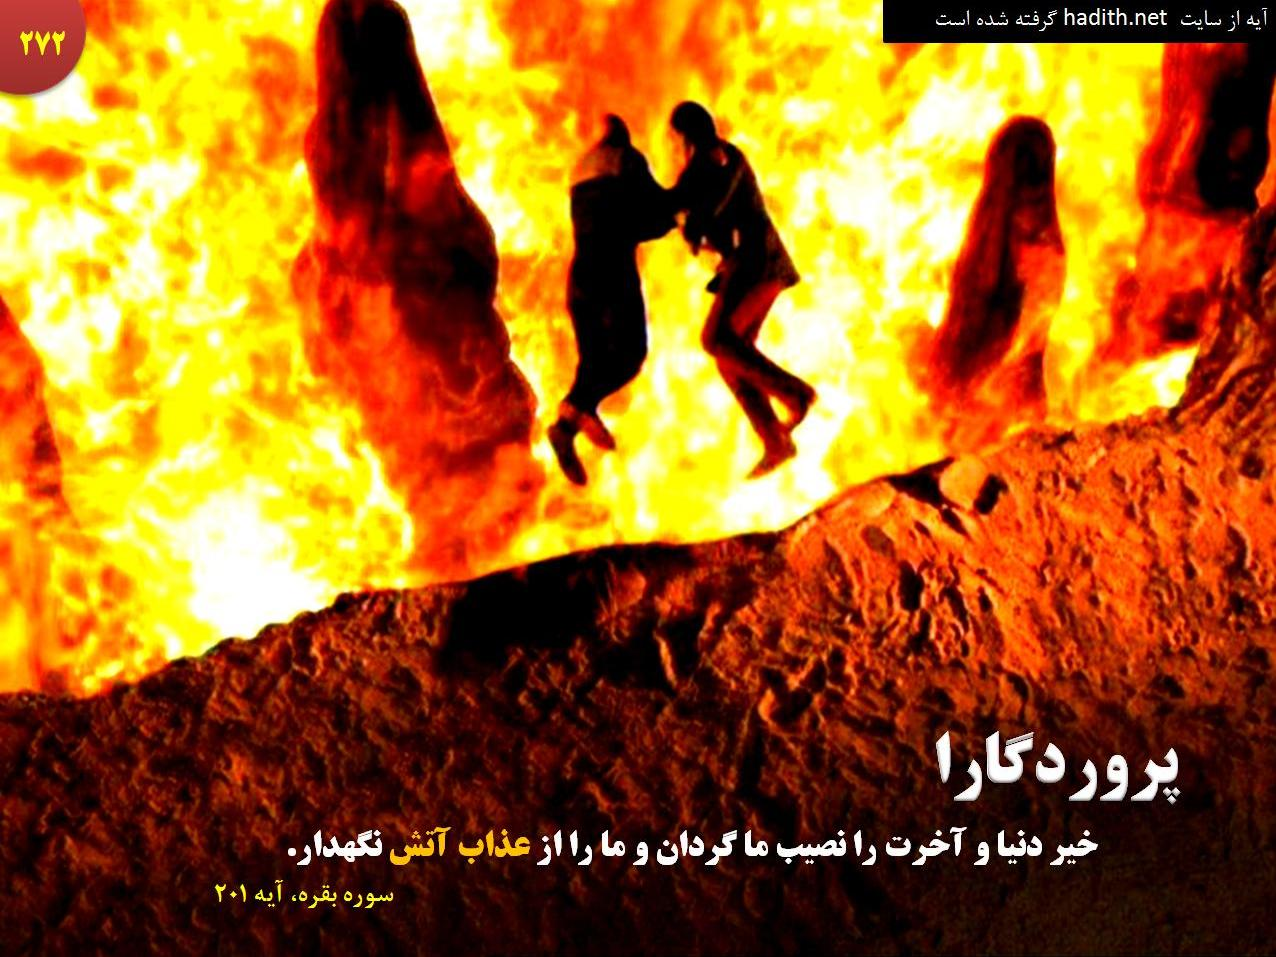 عکس نوشته ی سوره بقره، آیه ۲۰۱ - 272